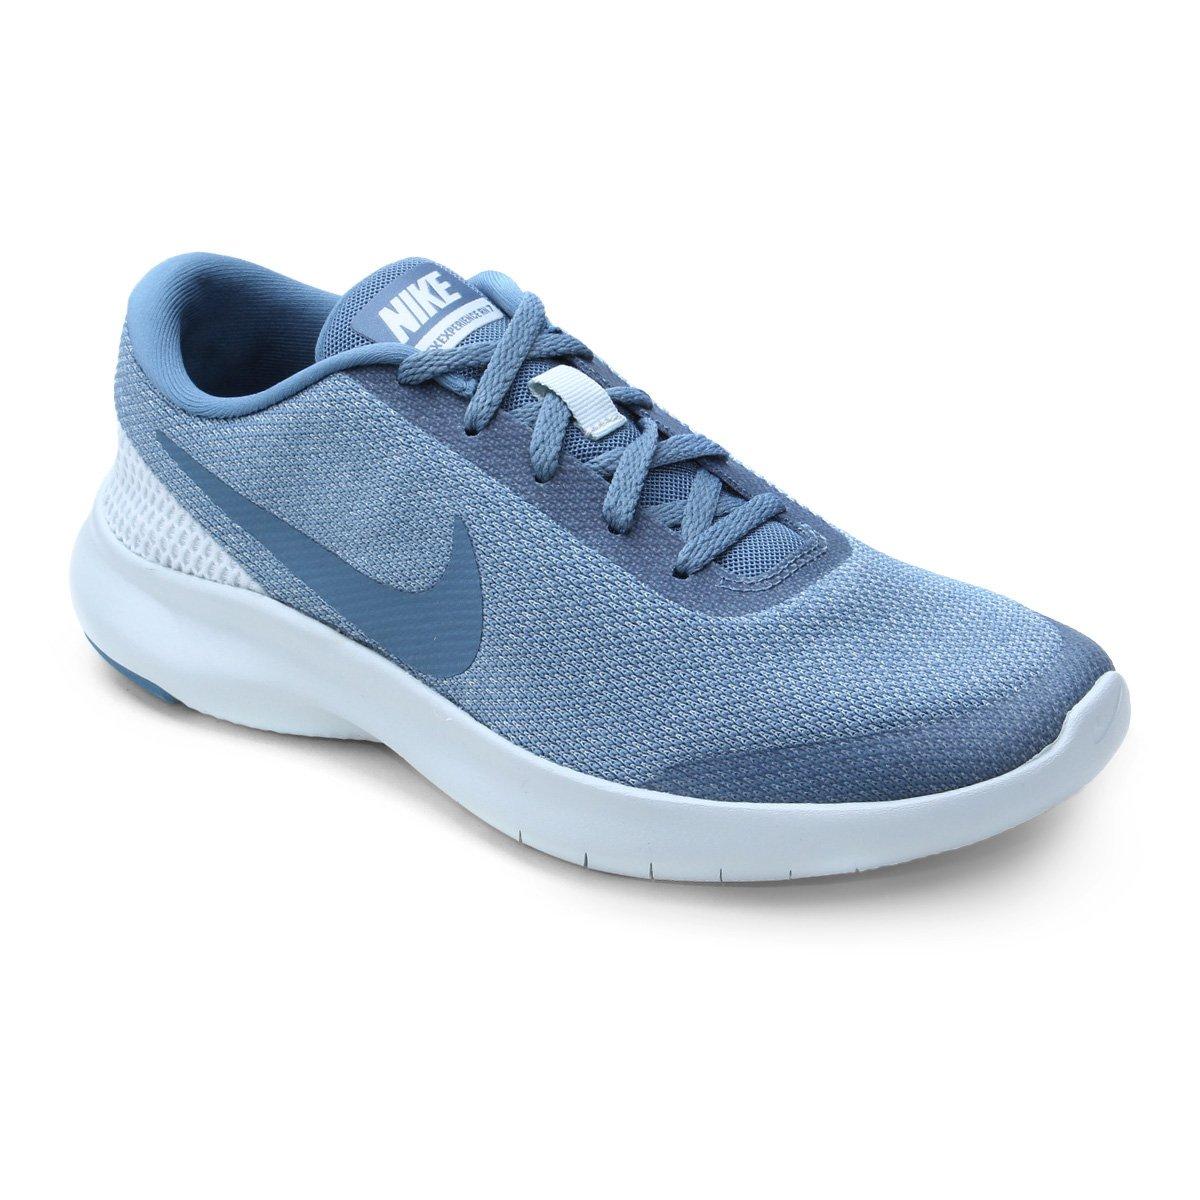 428990b6465 Tênis Nike Flex Experience RN 7 Feminino - Azul e Azul claro - Compre Agora